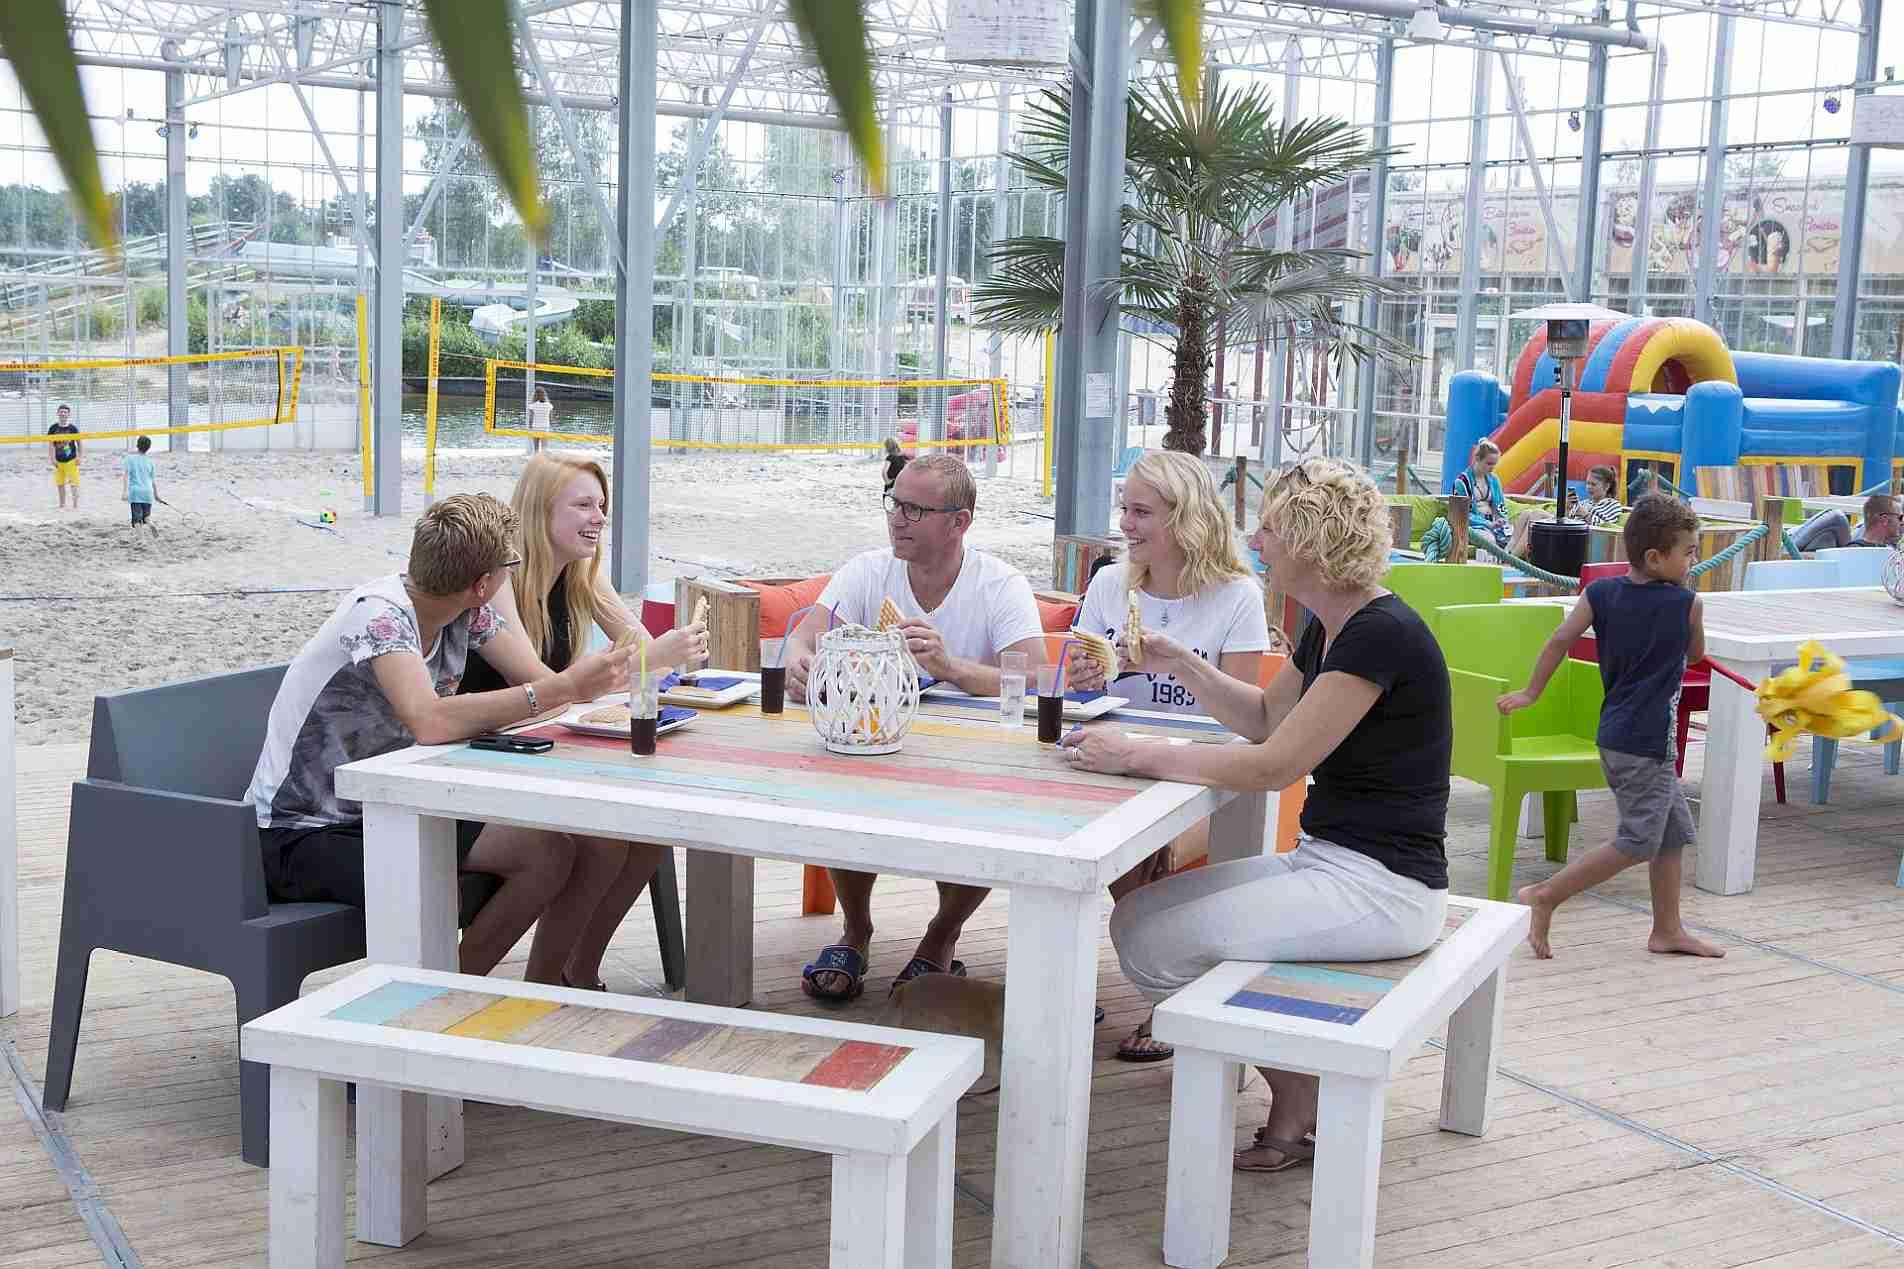 Tienercamping in Overijssel - Tienercamping in Overijssel